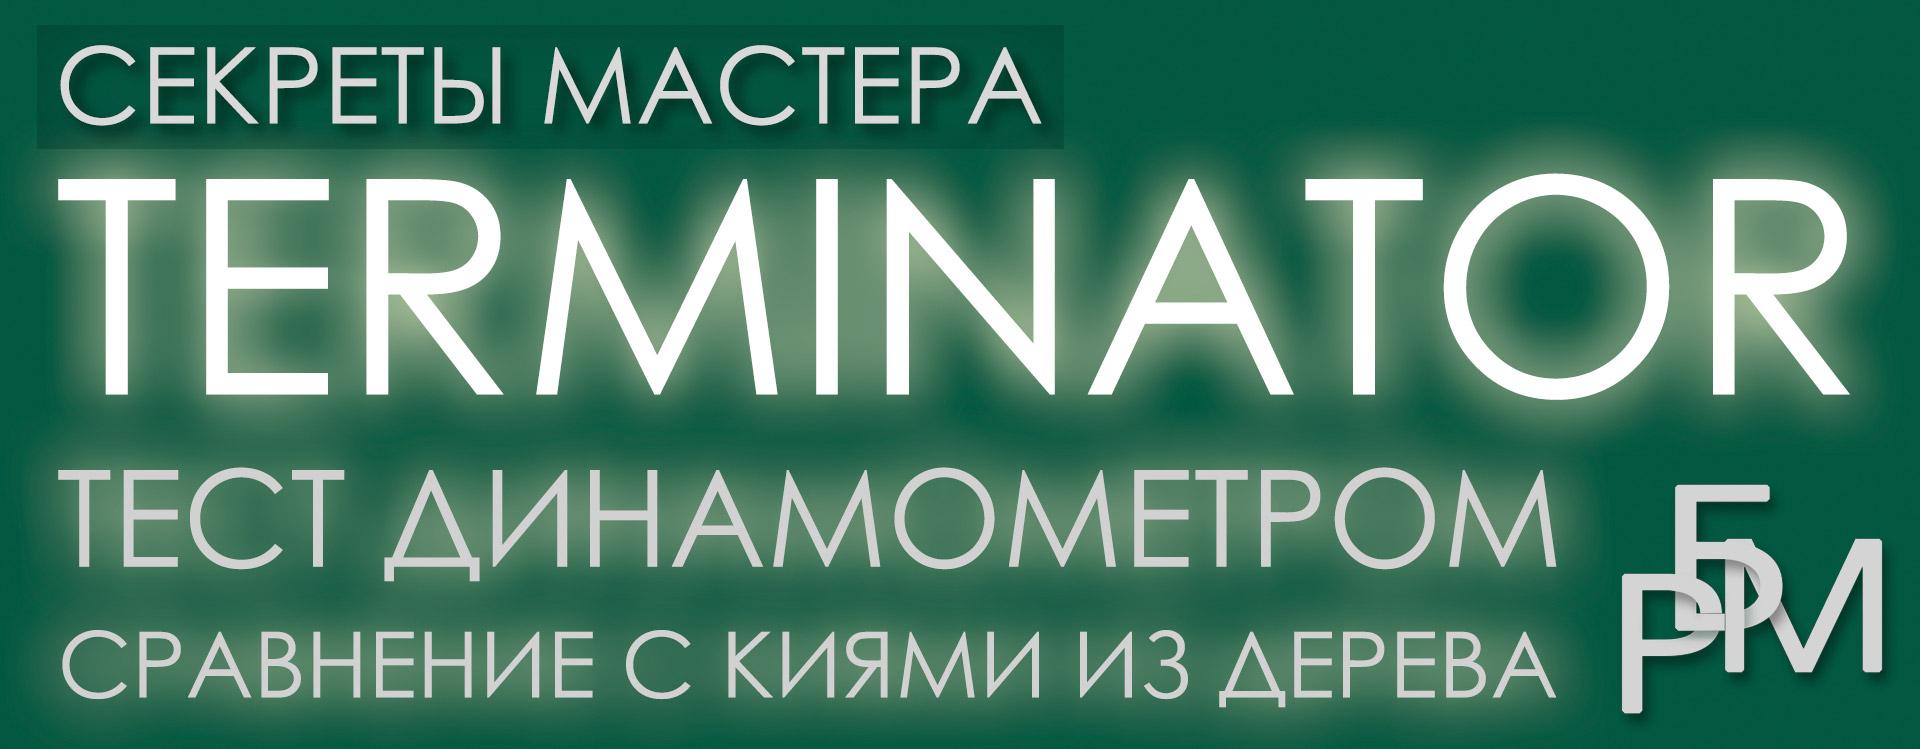 Сравнительное тестирование Терминатора с динамометром